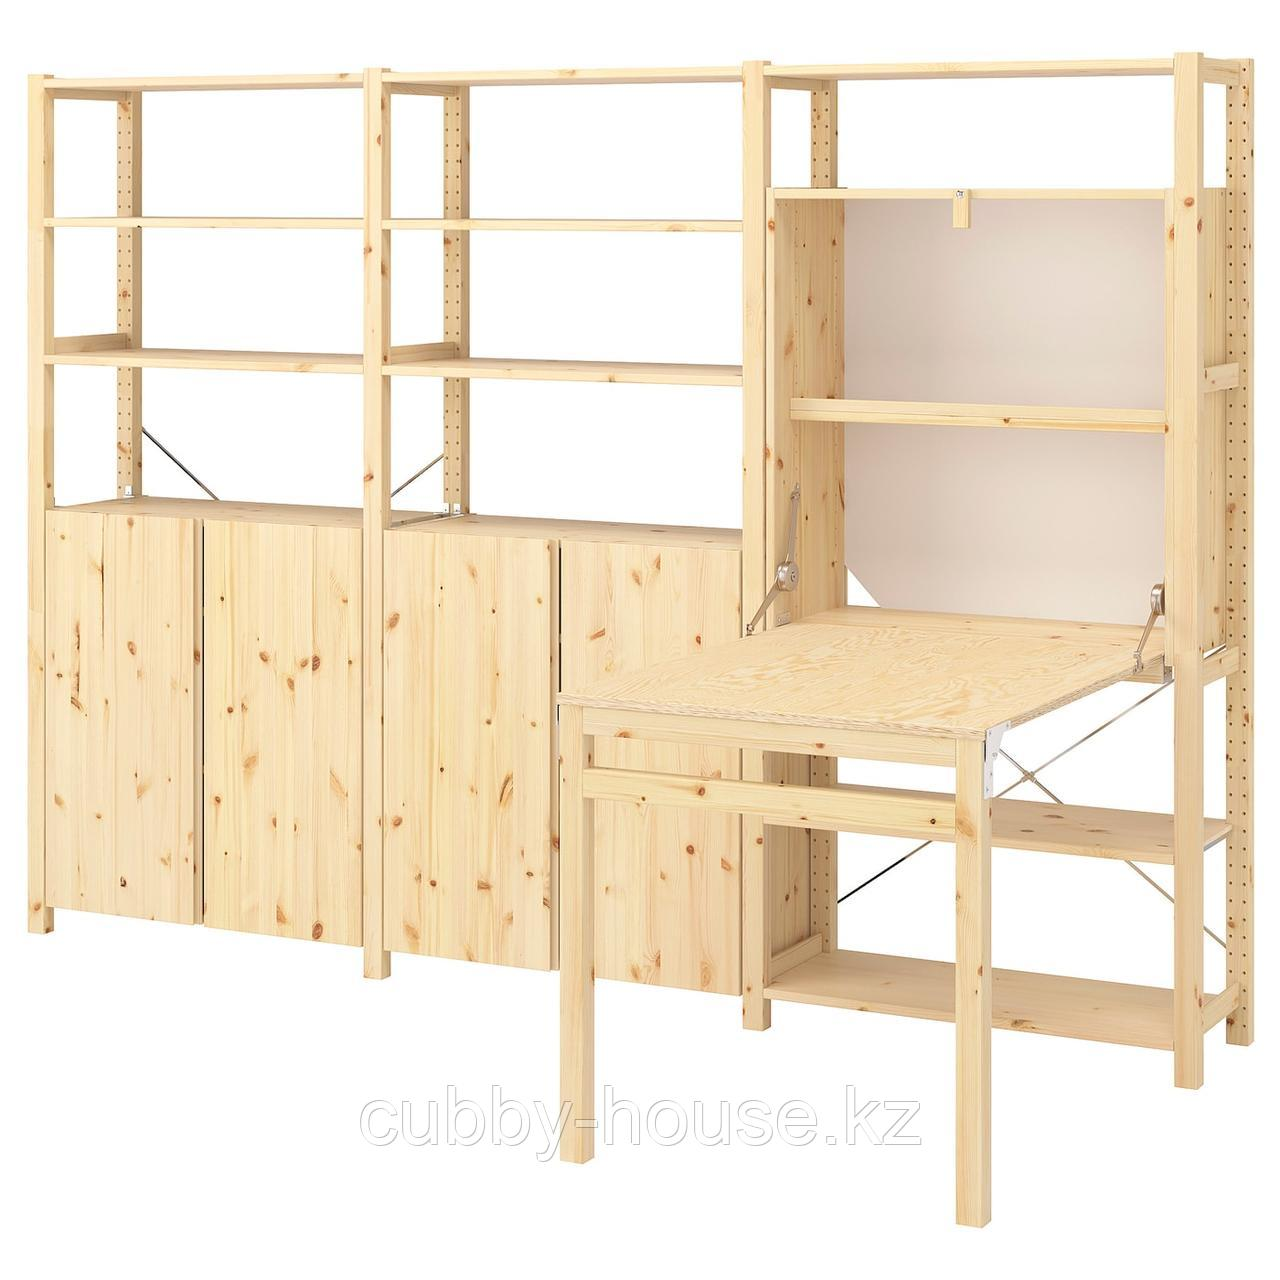 ИВАР Стеллаж со столом/шкафами/полками, сосна, 259x30-104x179 см